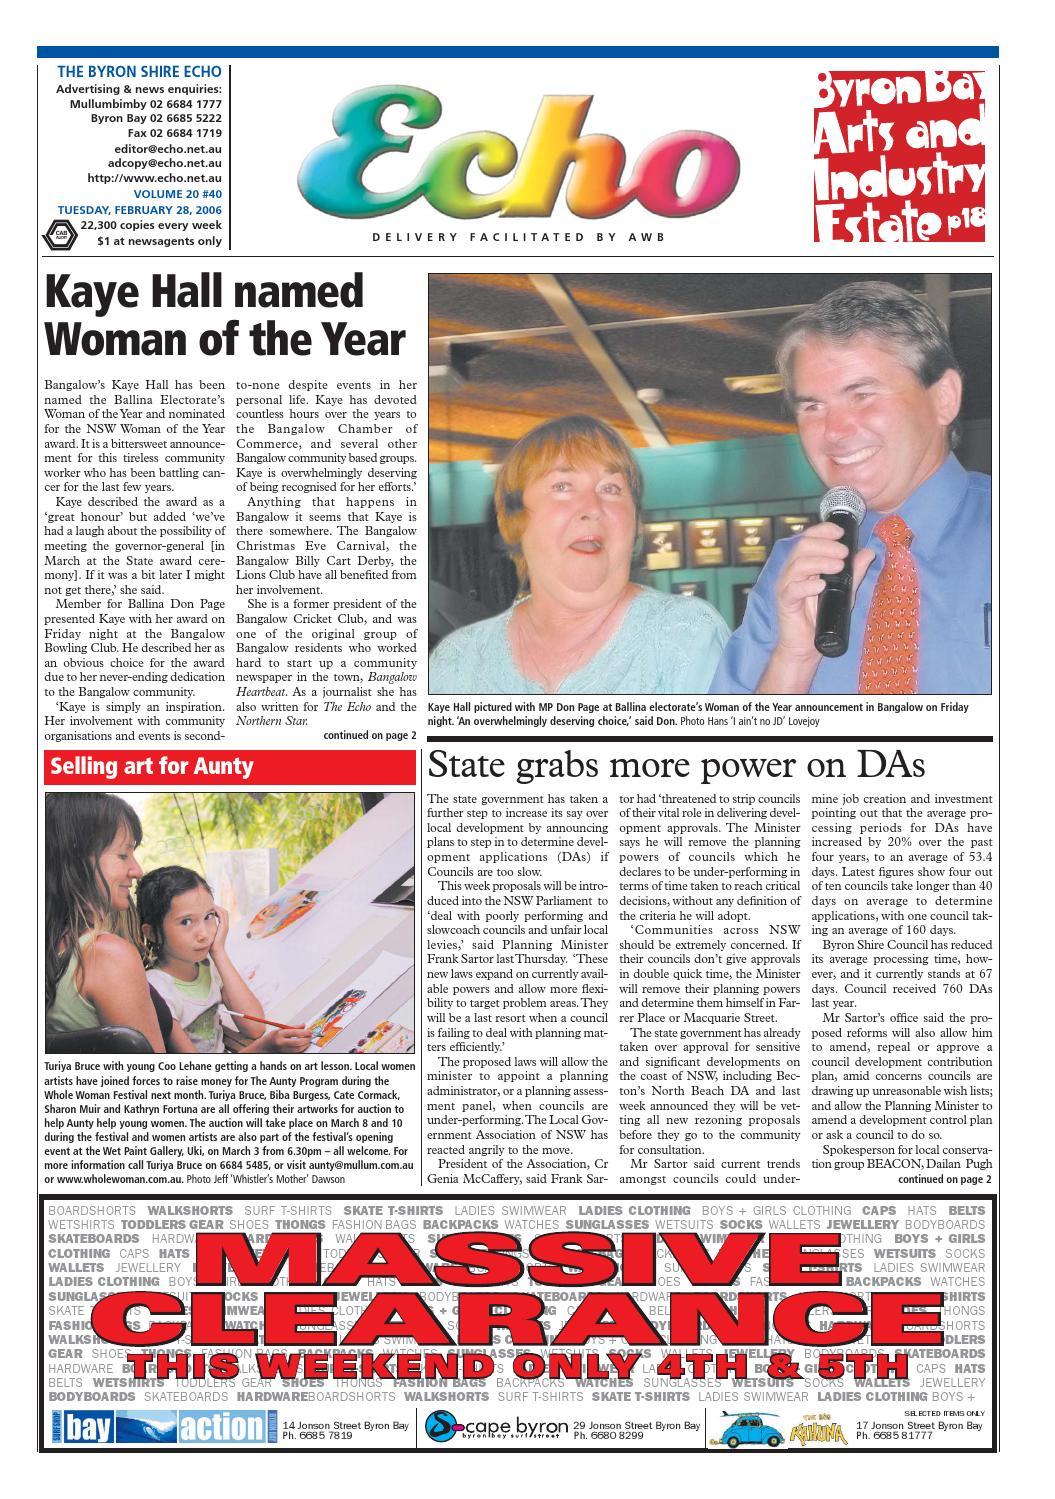 Byron Shire Echo Echo Shire – Issue 20.40 – 28 02 2006 by Echo Publications issuu d6ea14